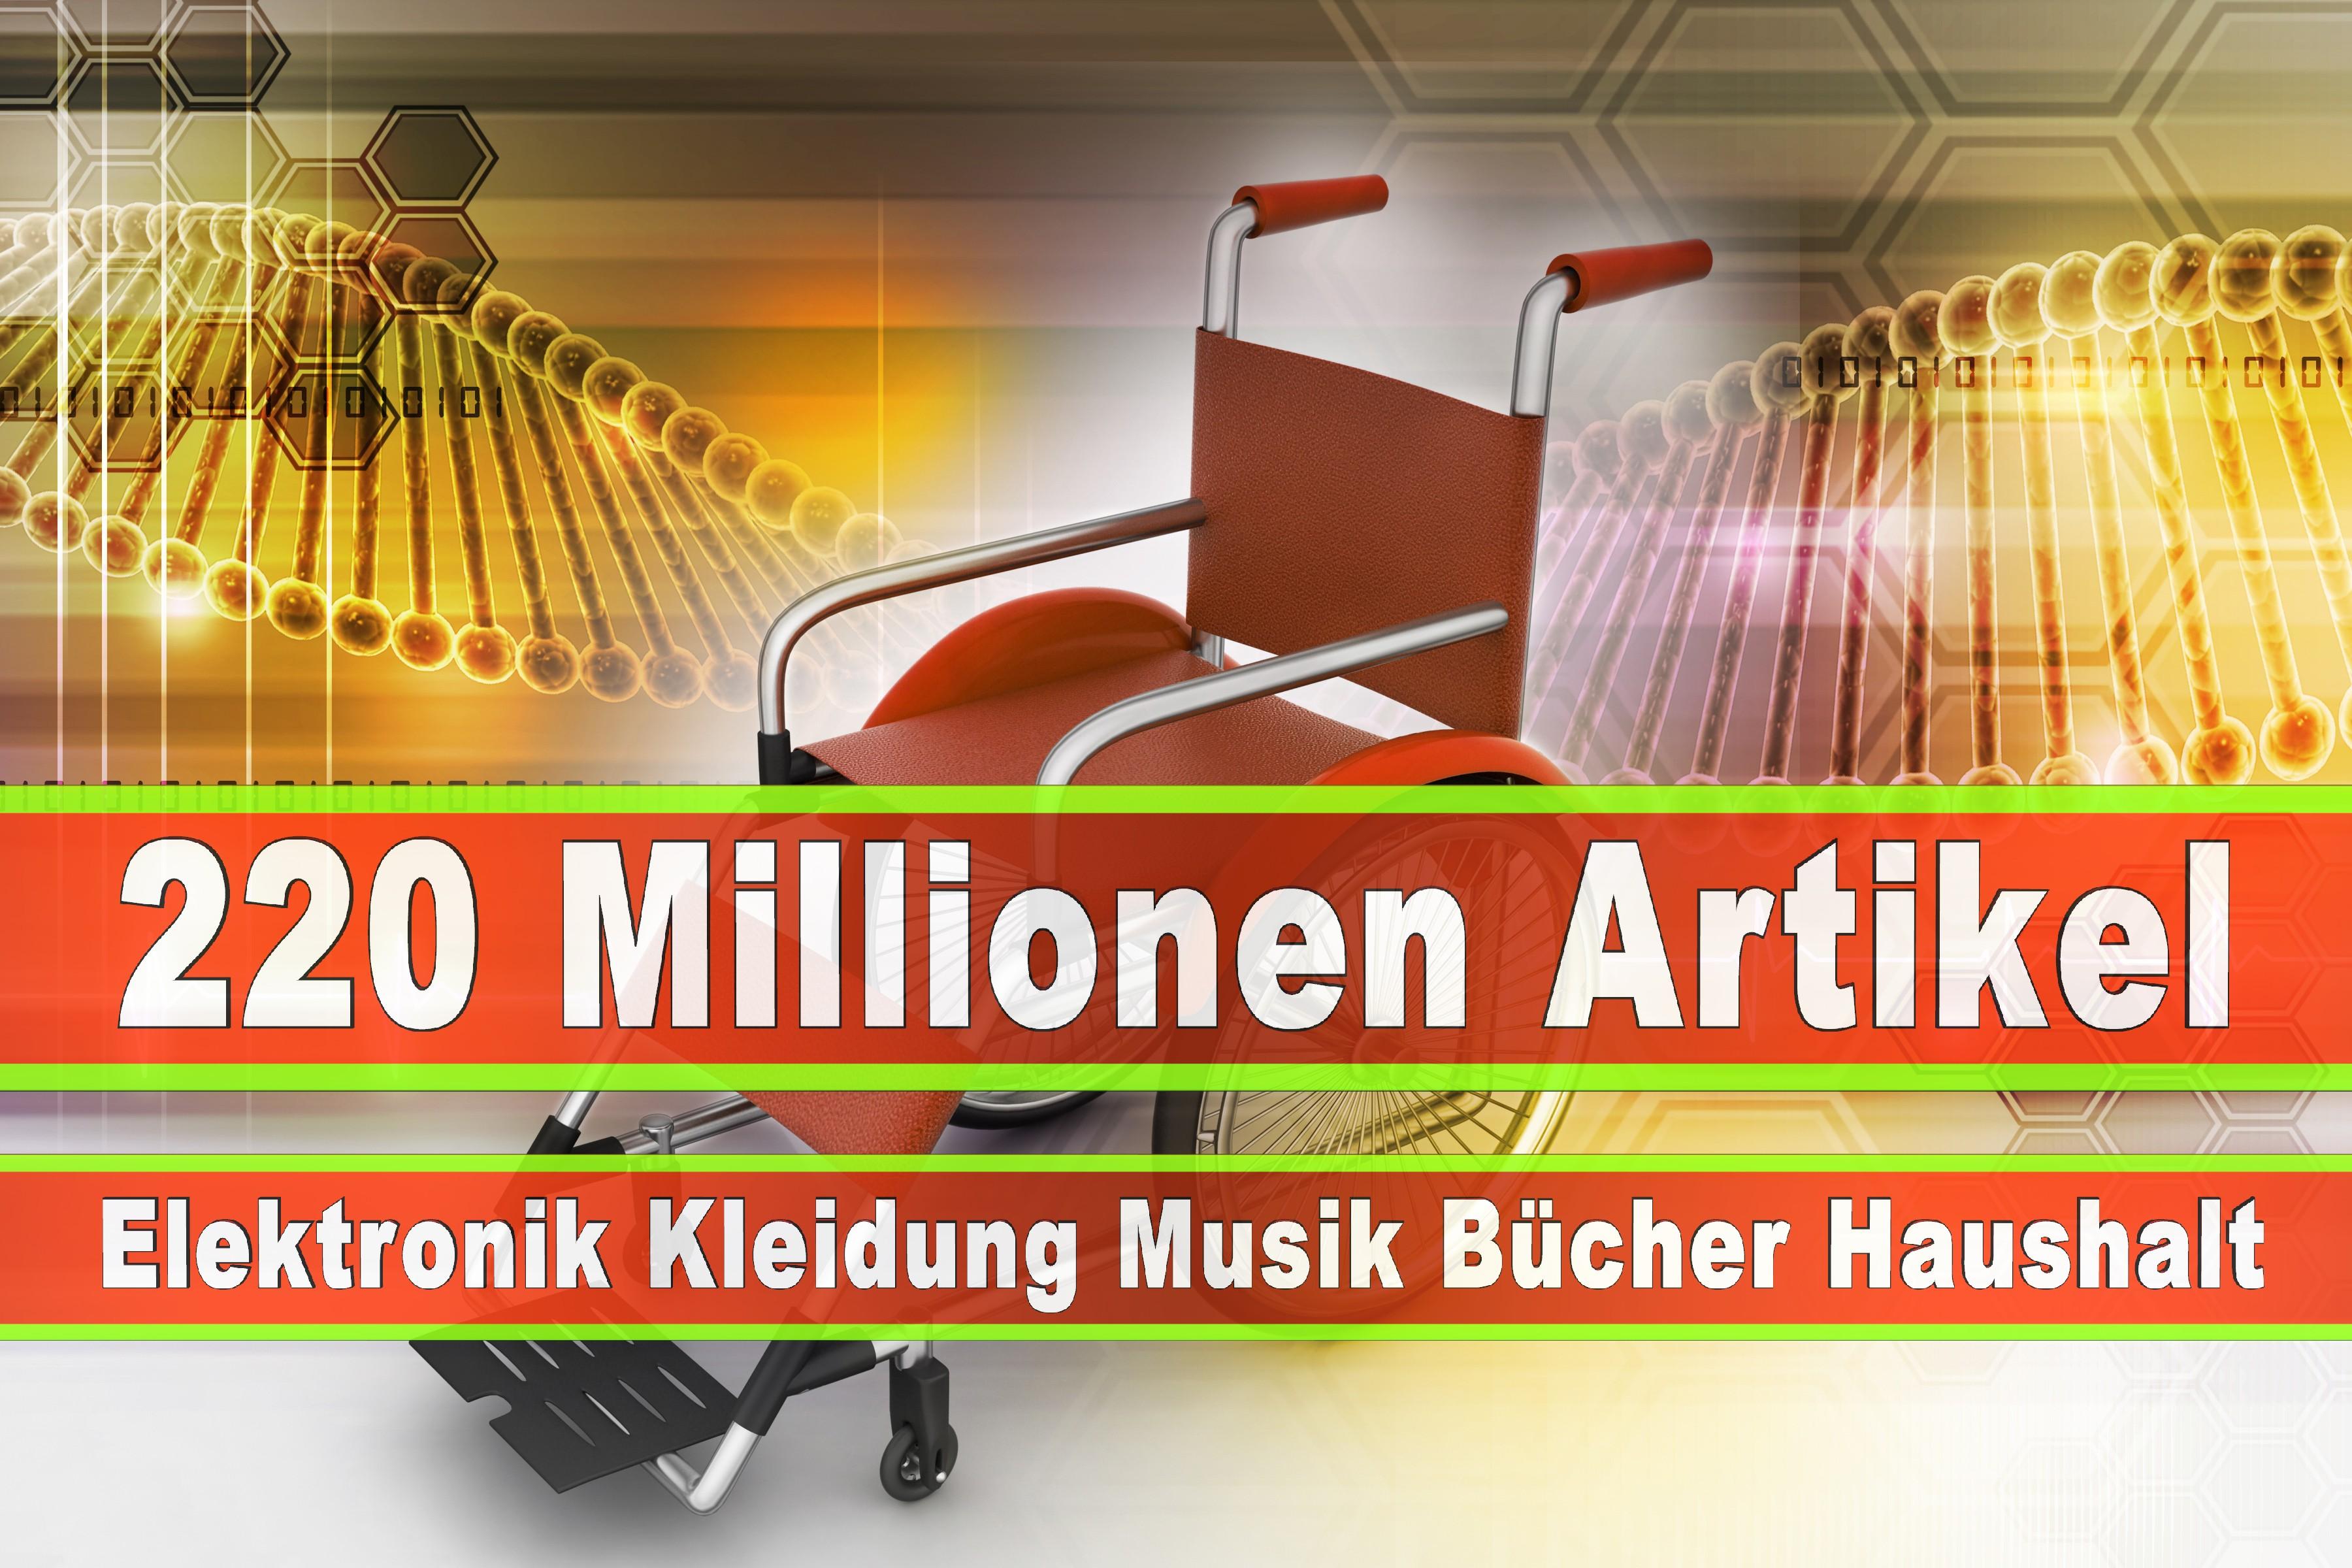 Amazon Elektronik Musik Haushalt Bücher CD DVD Handys Smartphones TV Television Fernseher Kleidung Mode Ebay (60)